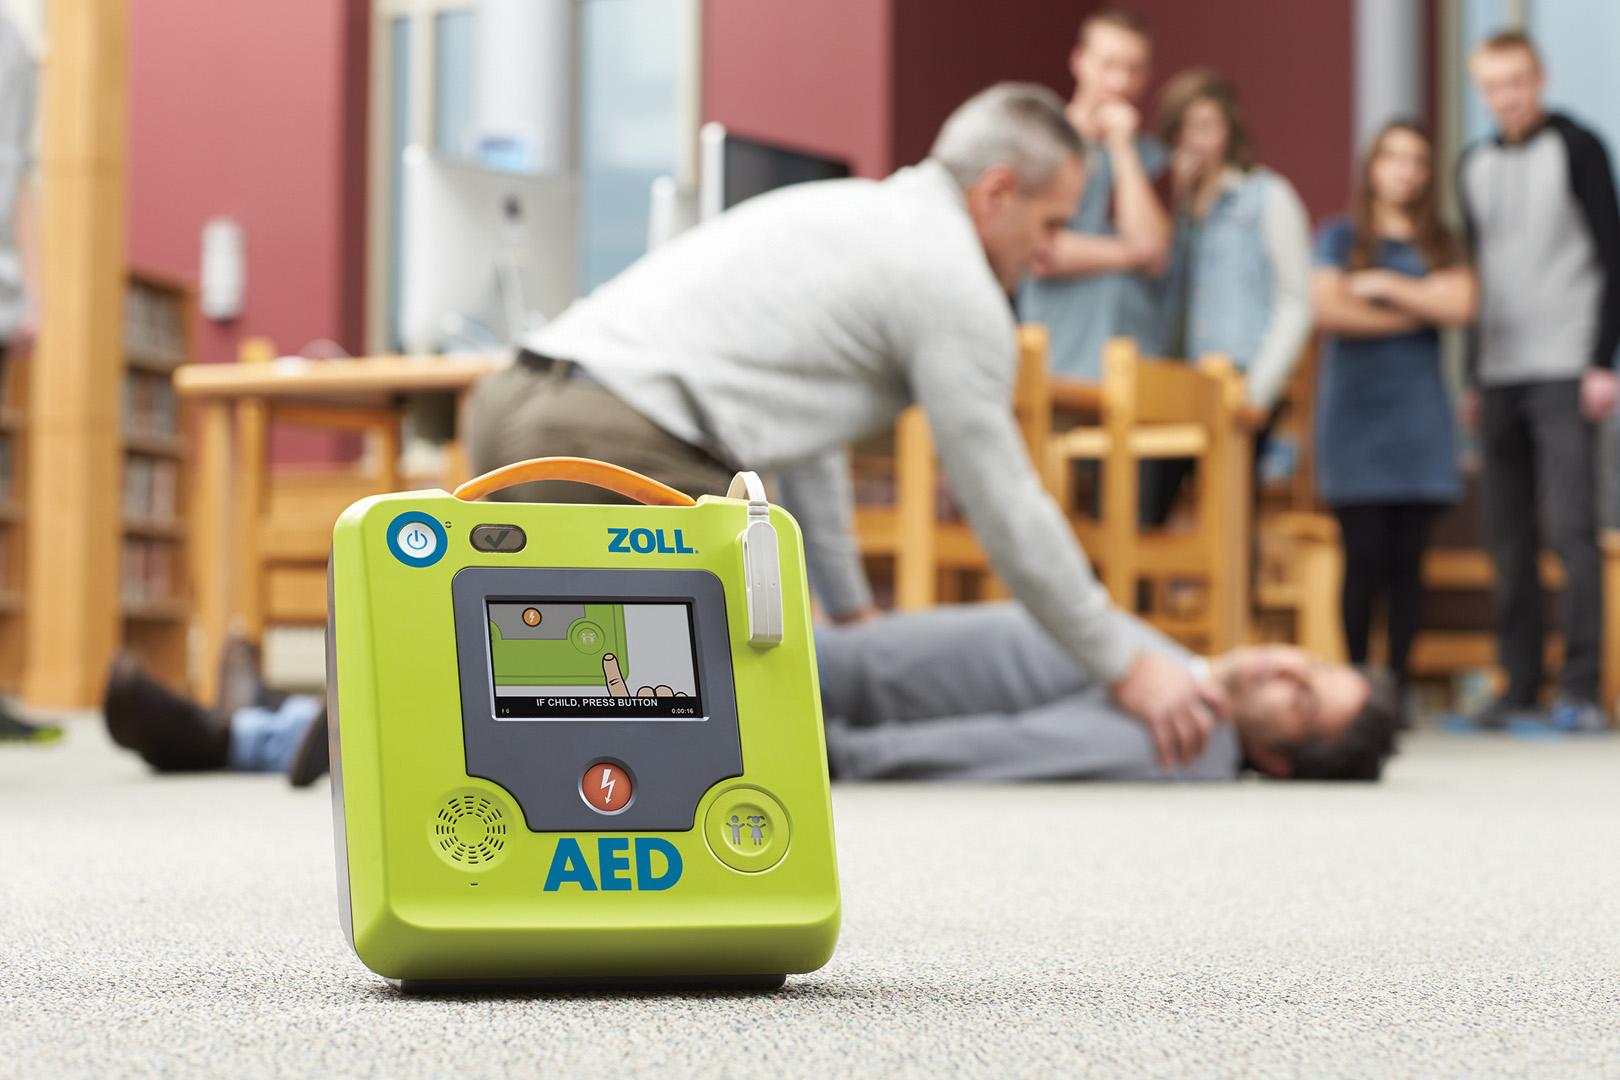 Defibrillatori, la rivoluzione è arrivata: ZOLL lancia ZOLL AED 3 BLS | Emergency Live 26